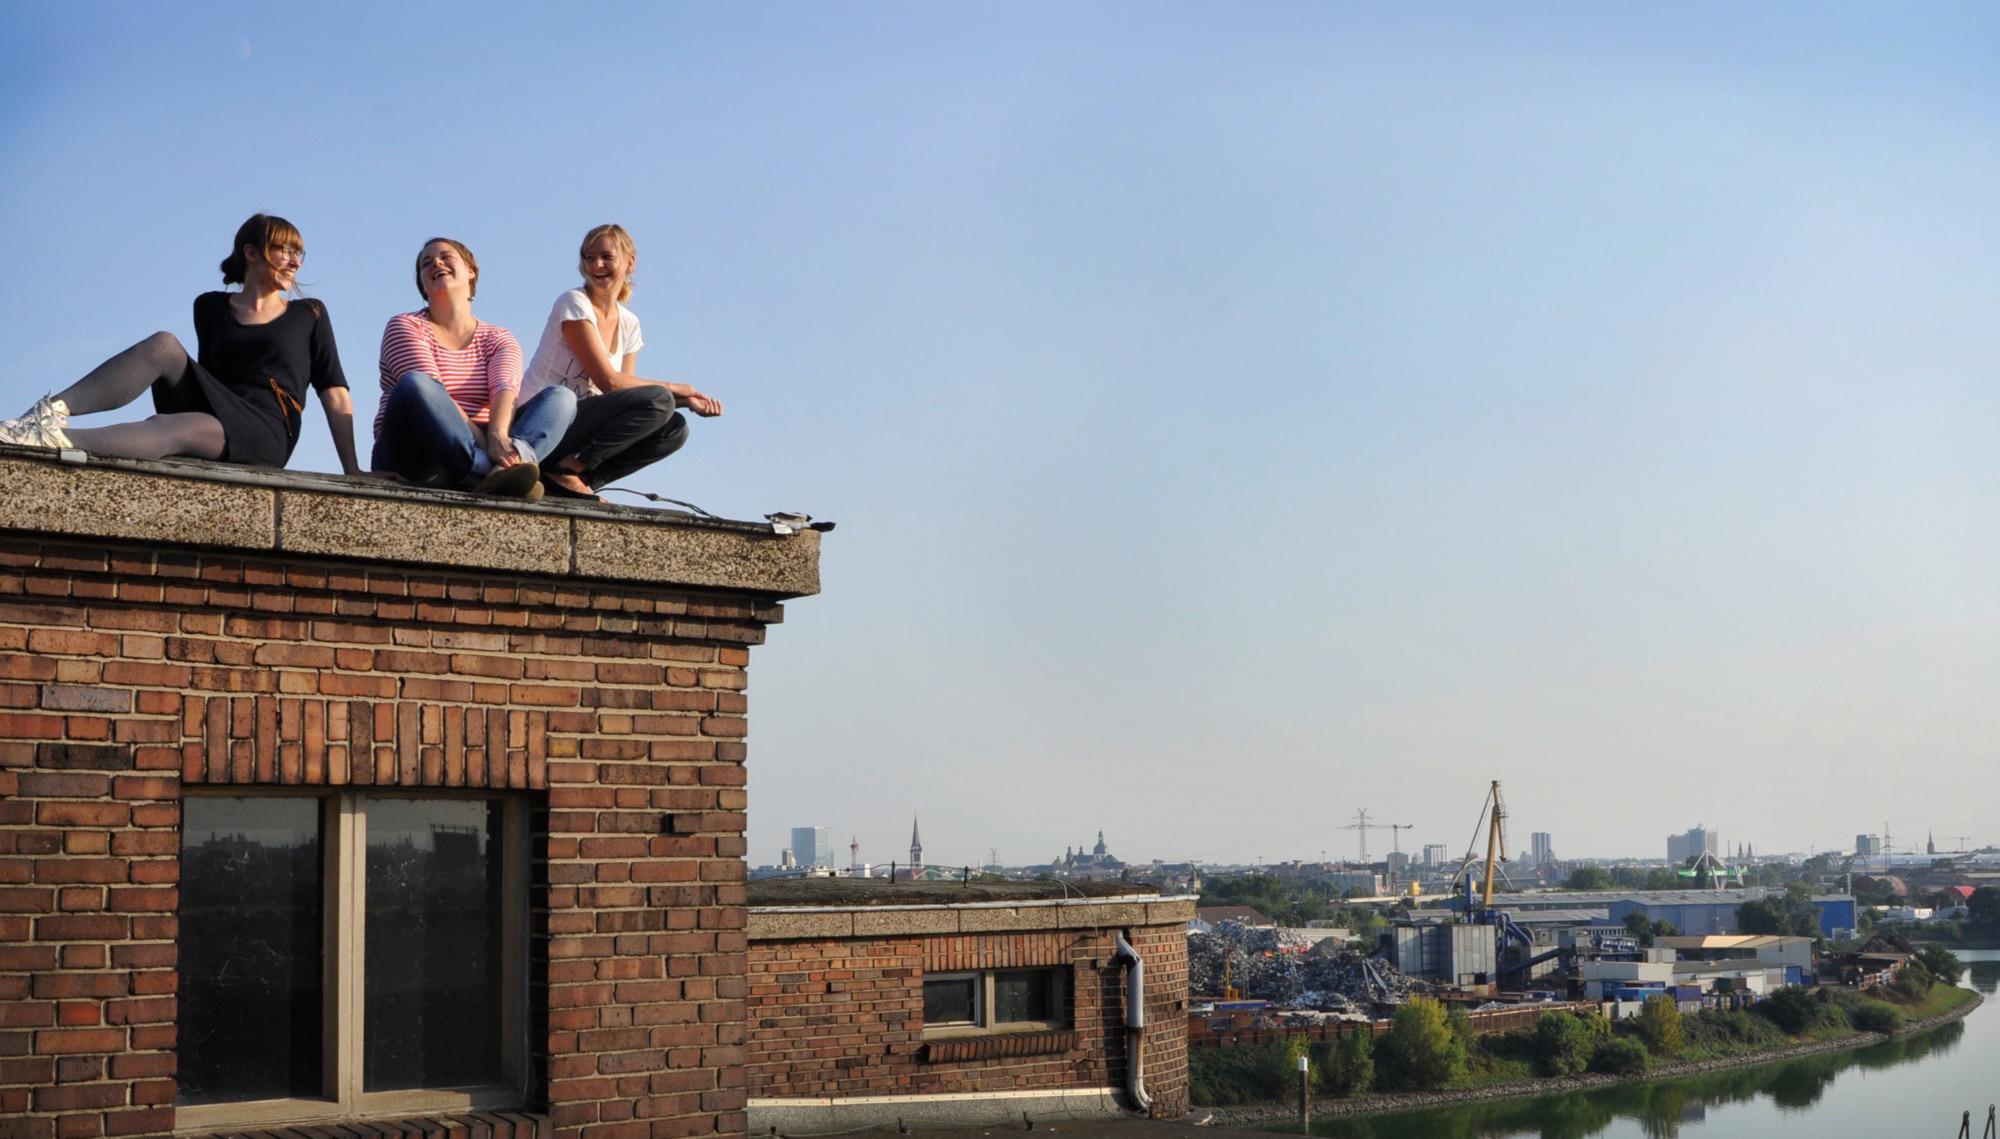 Die Gründerinnen Annika Wind, Anne Jeschke und Sarah Weik sitzen auf einem Dach über der Stadt.